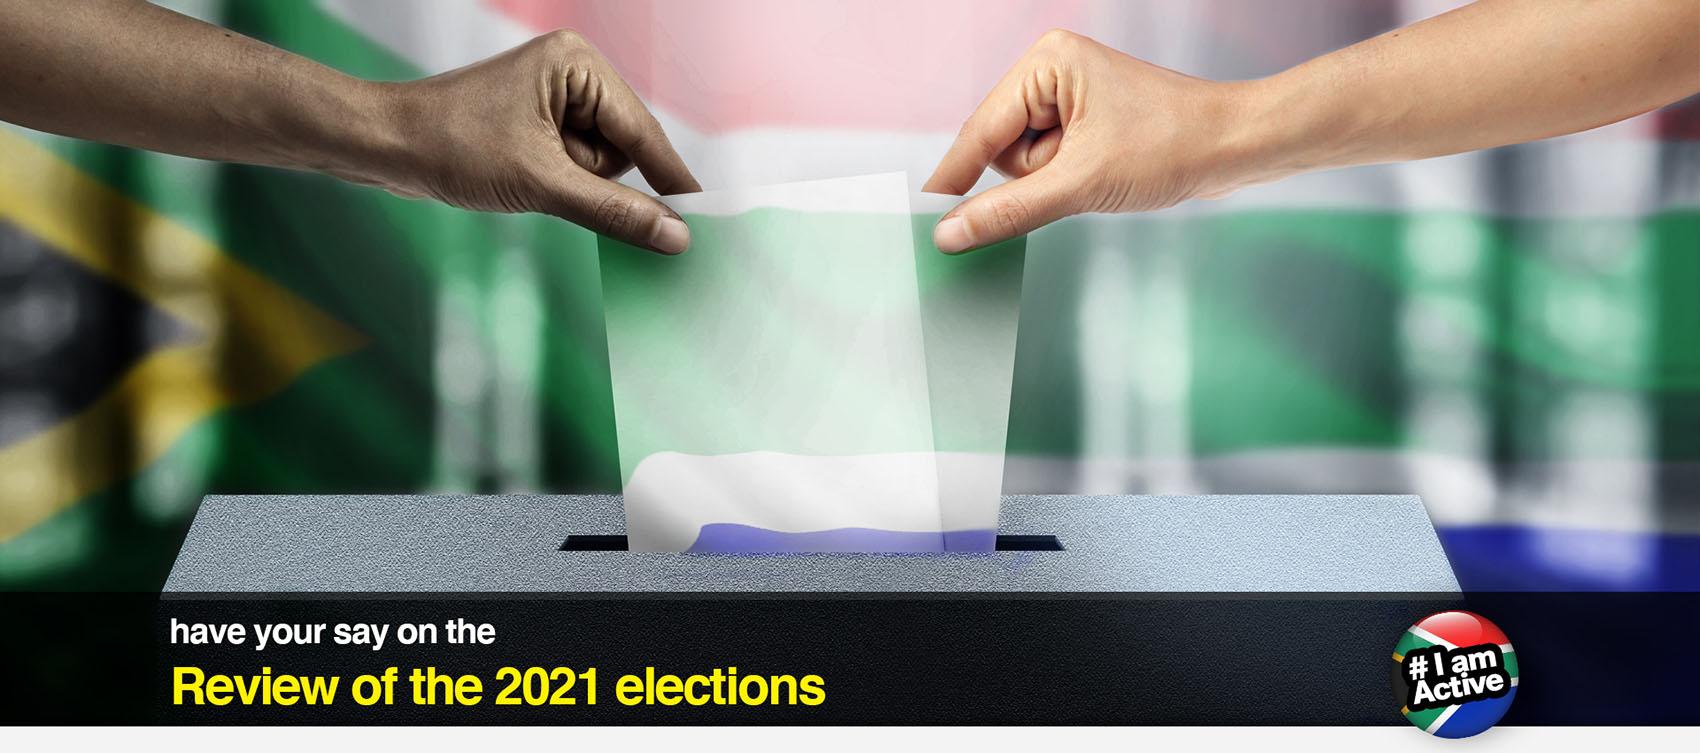 DearSA-Elections-postponed